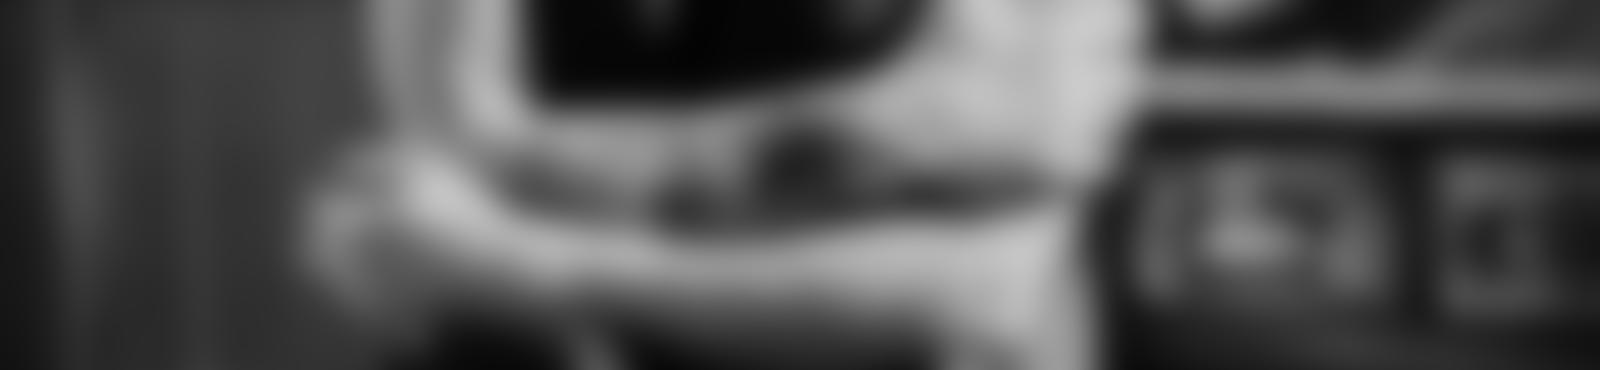 Blurred dd95f90d ce8b 4d2e 9896 b1afd7517560